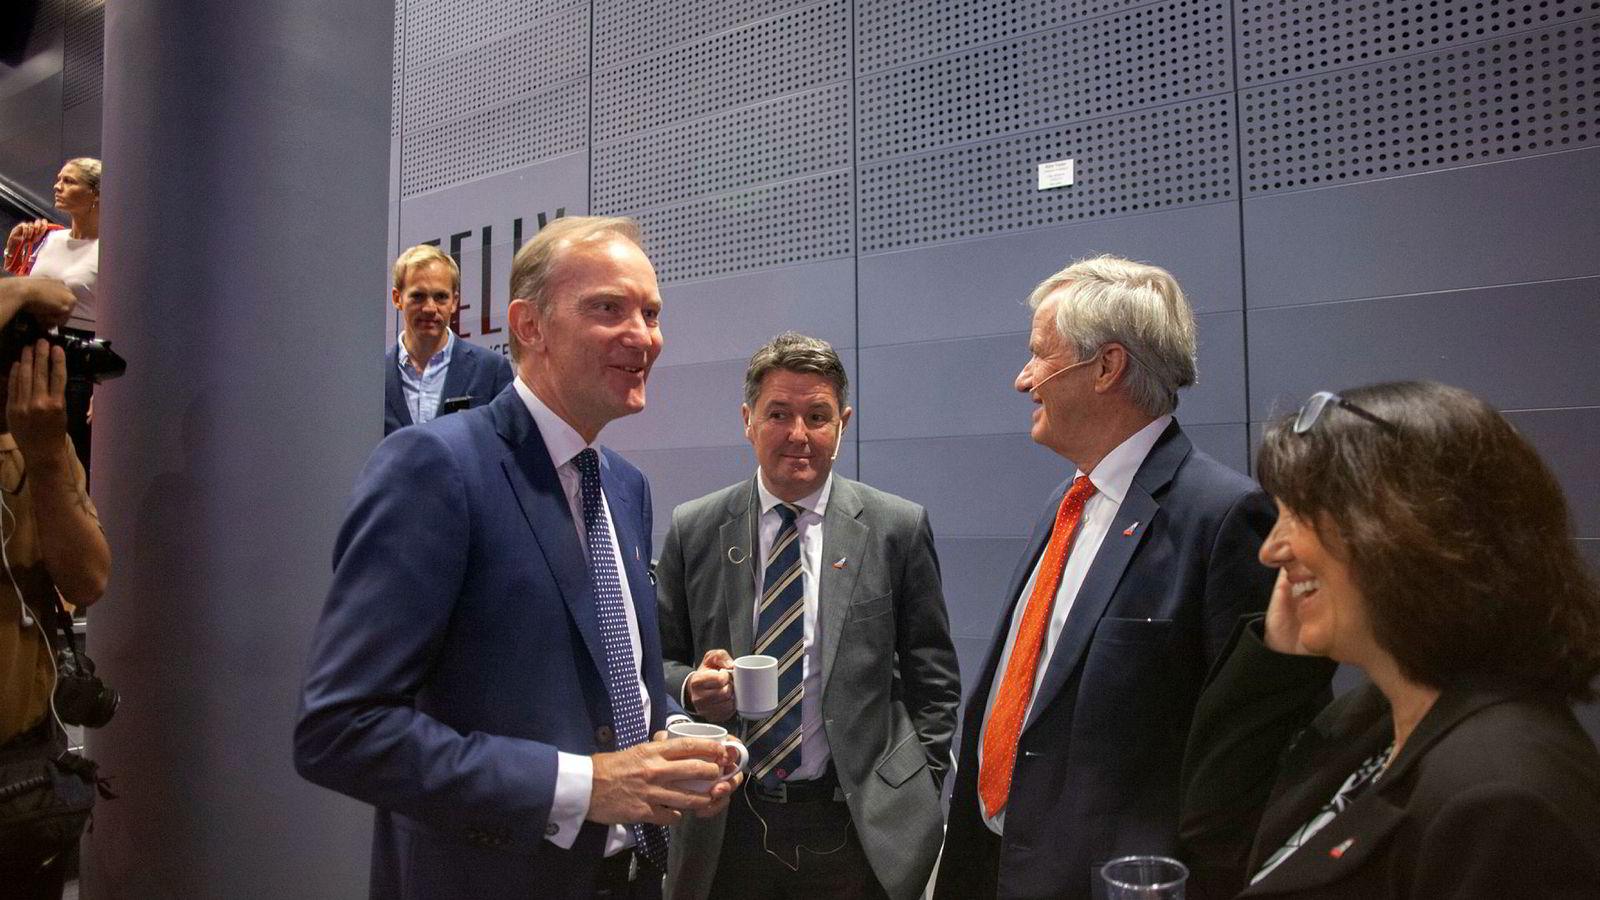 Norwegian-sjef Bjørn Kjos til høyre, midlertidig toppsjef Geir Karlsen i midten og styreleder Niels Smedegaard til venstre.